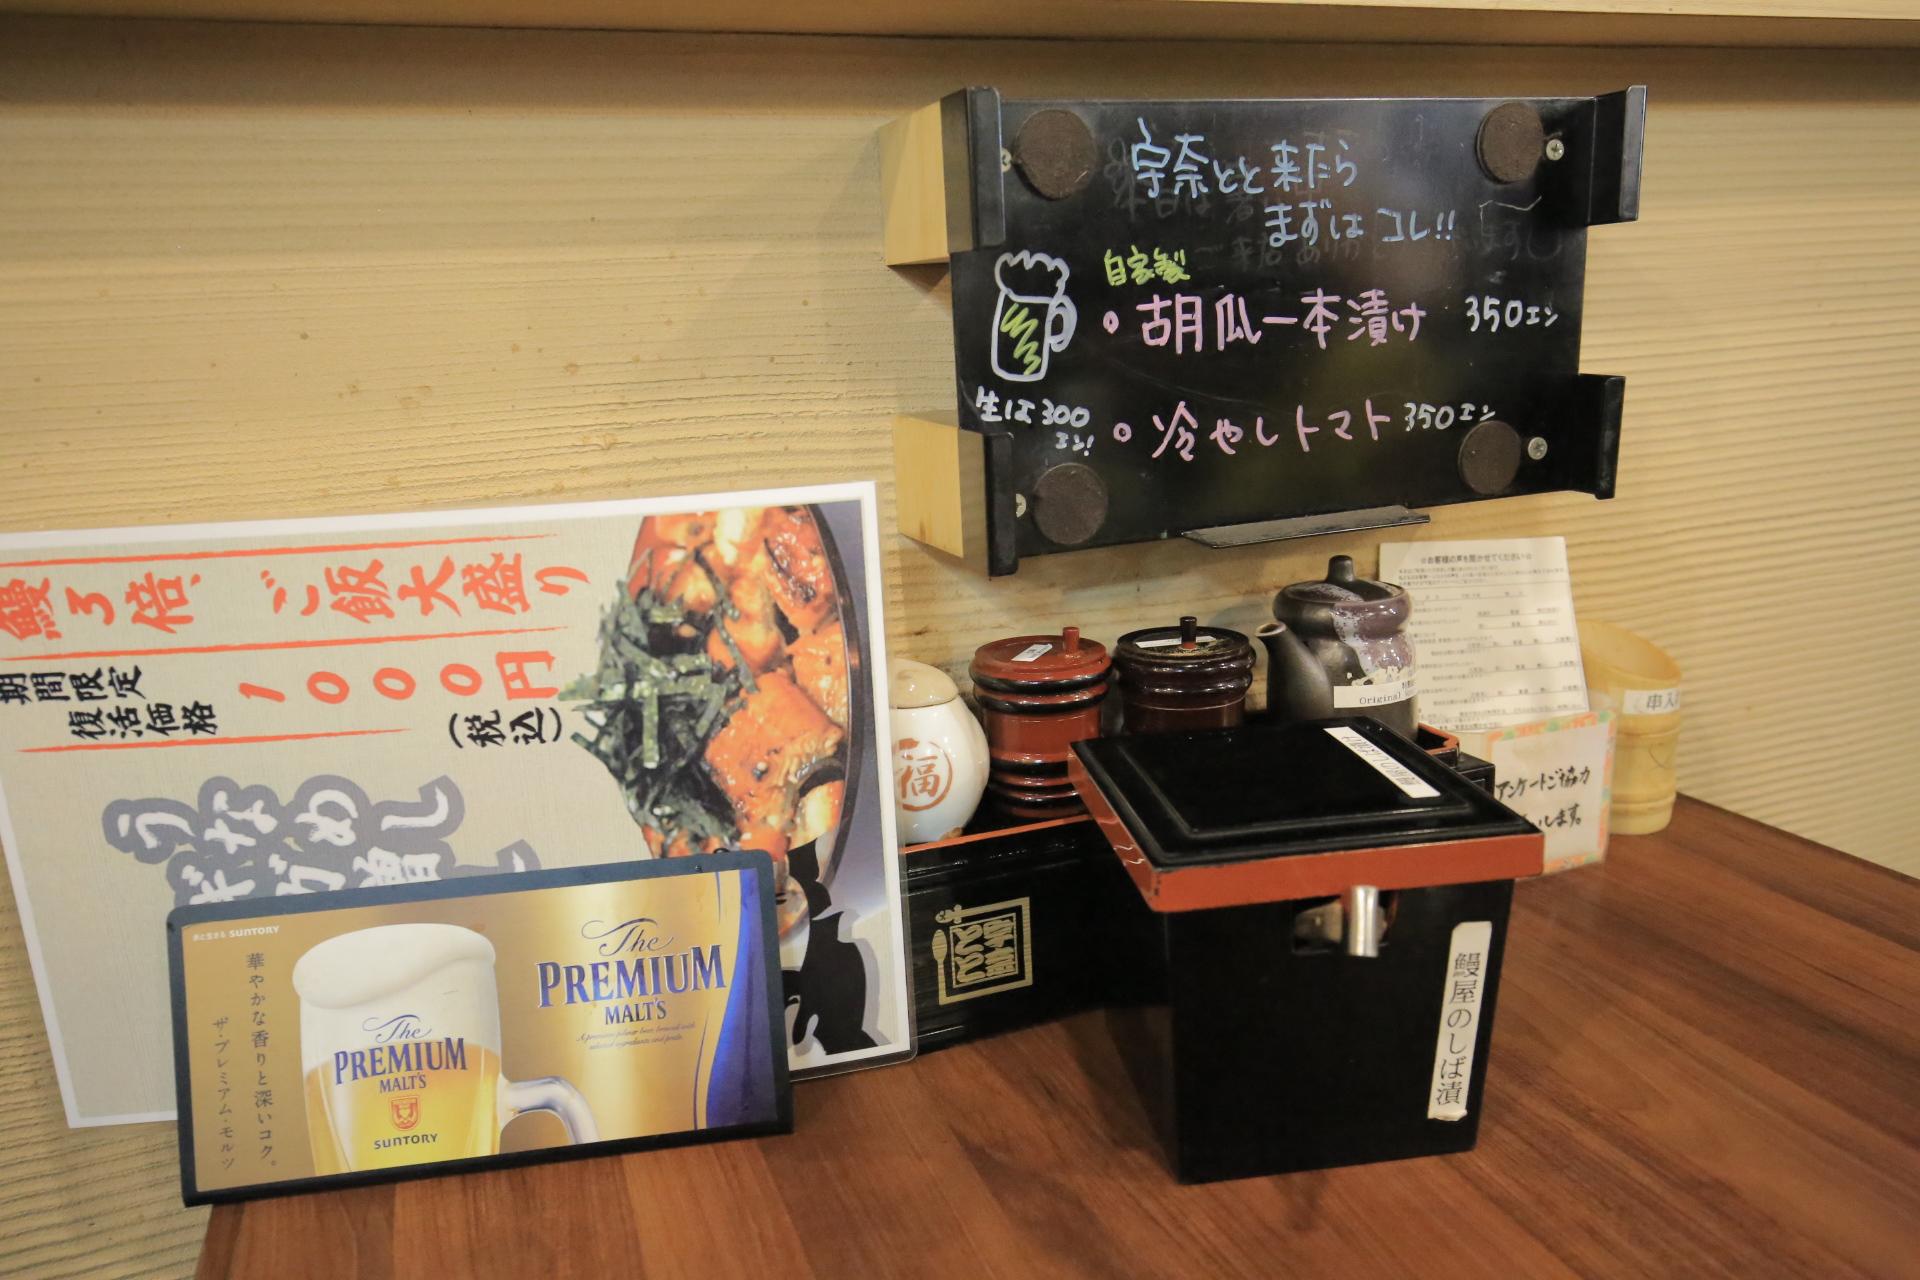 【東京鰻魚飯】名代宇奈鰻魚飯-上野,超平價鰻魚飯只要500円! @小環妞 幸福足跡